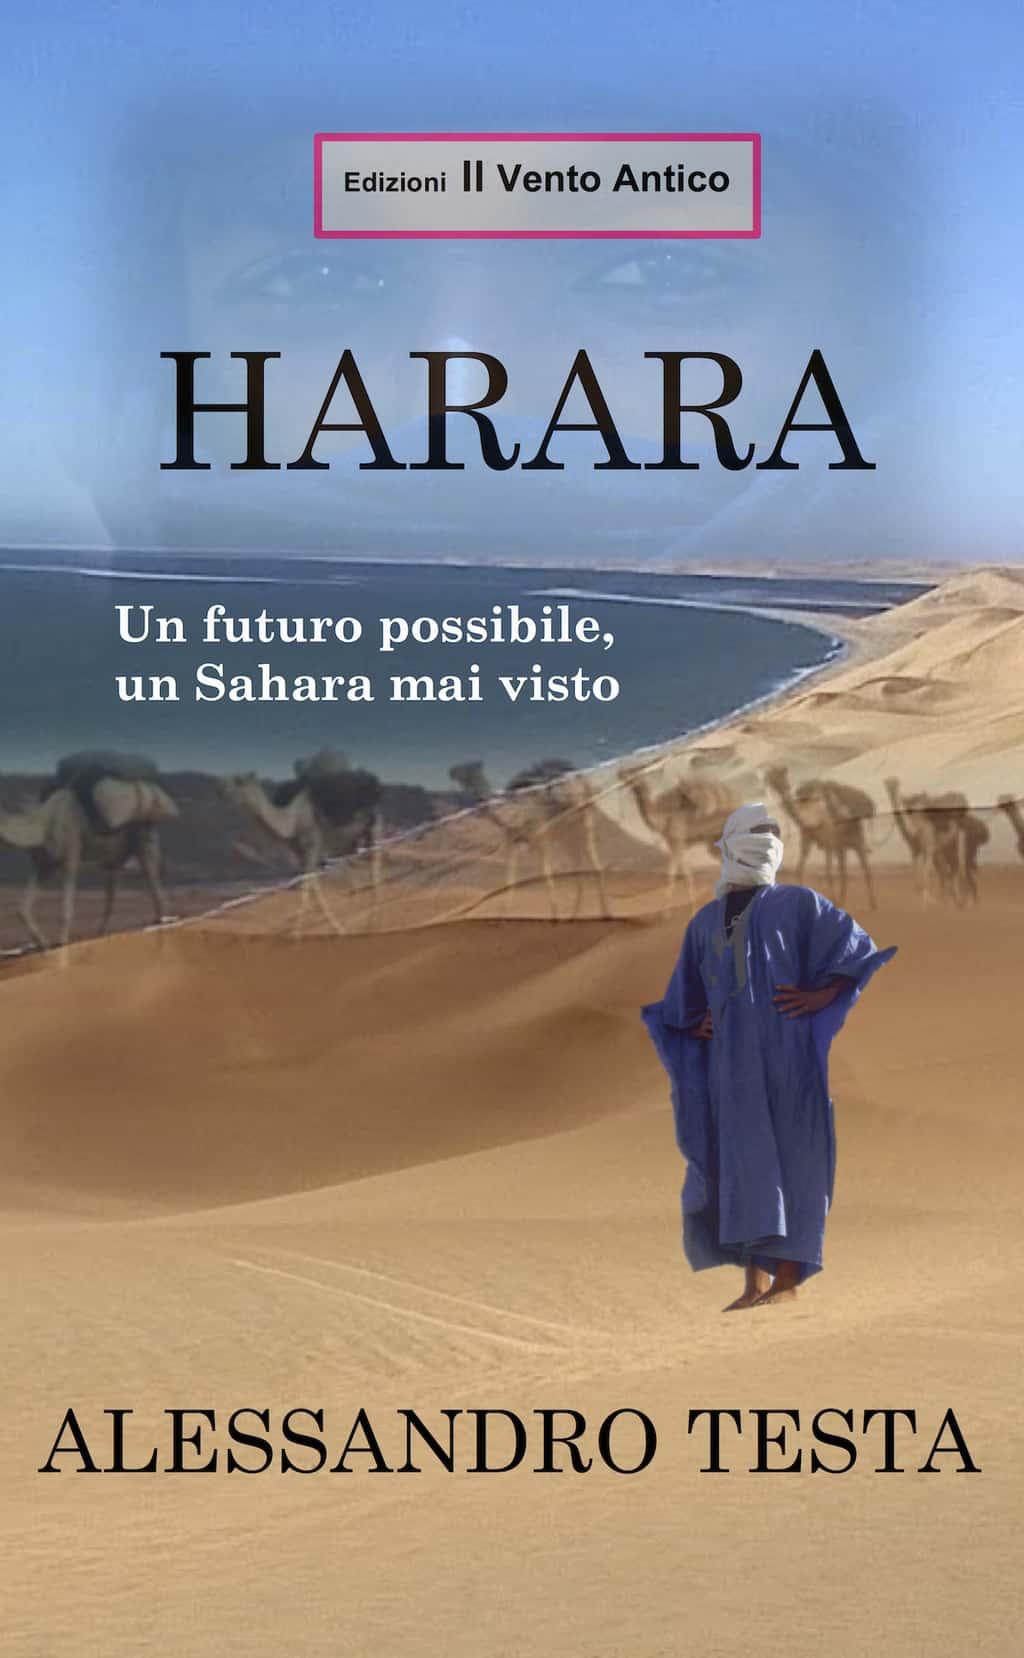 Harara – Il Take Away di Alessandro Testa